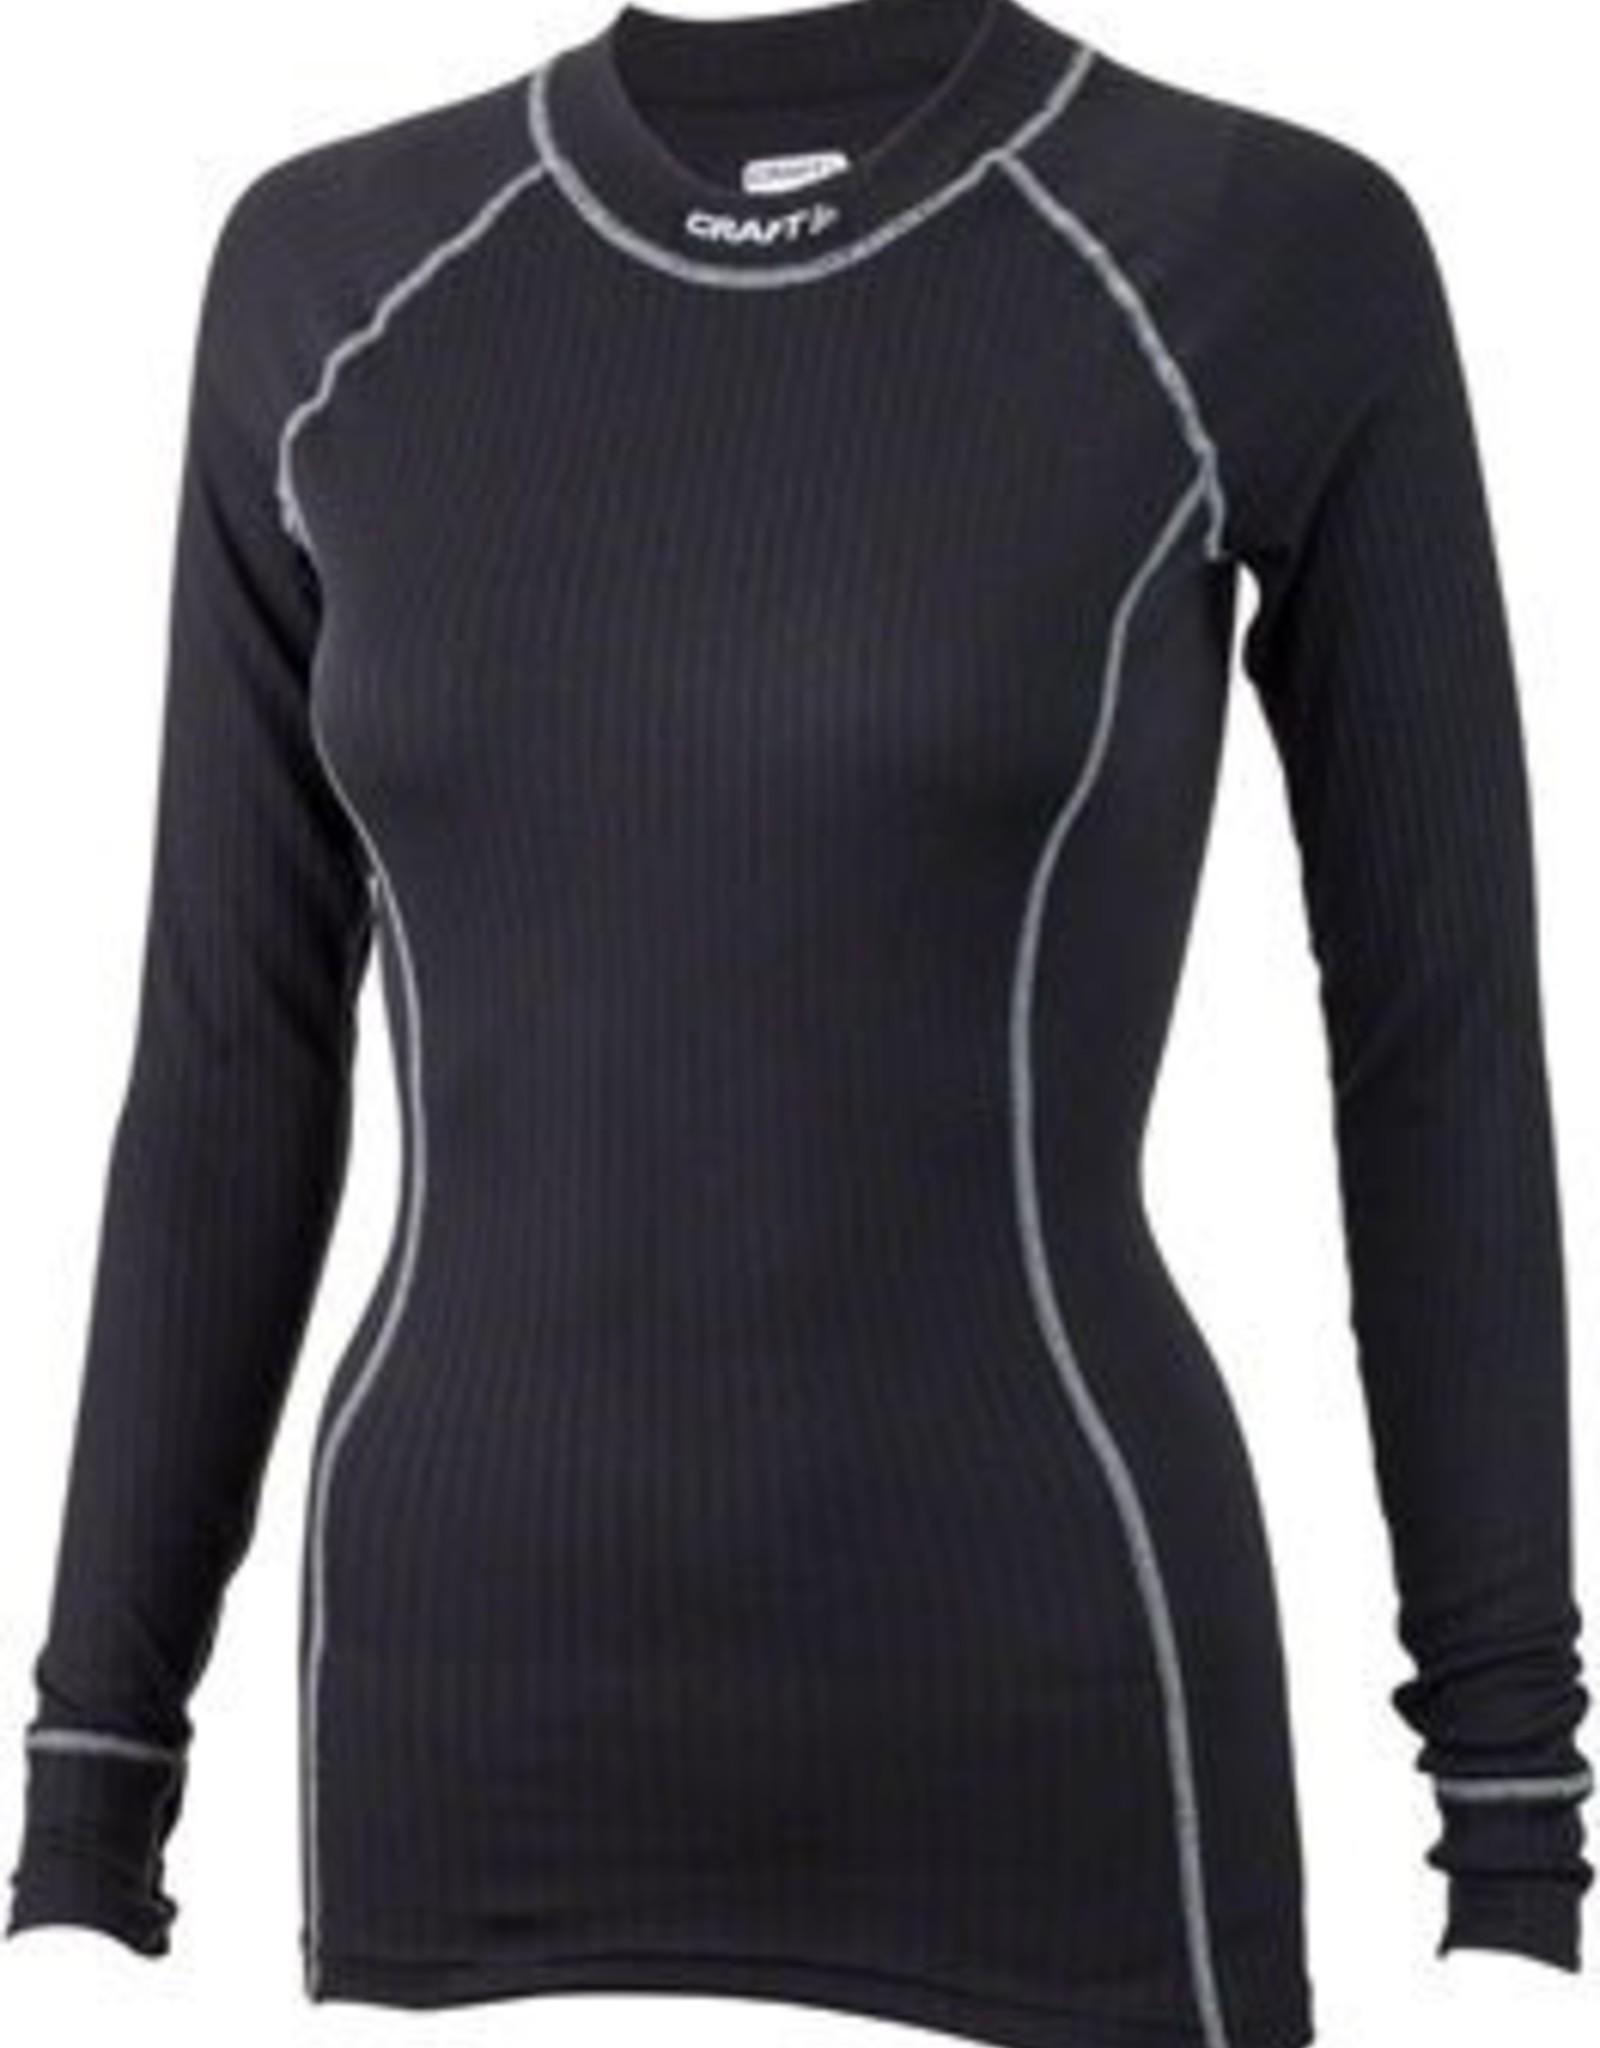 Craft Craft Active Women's Crewneck Long Sleeve Top: Black LG